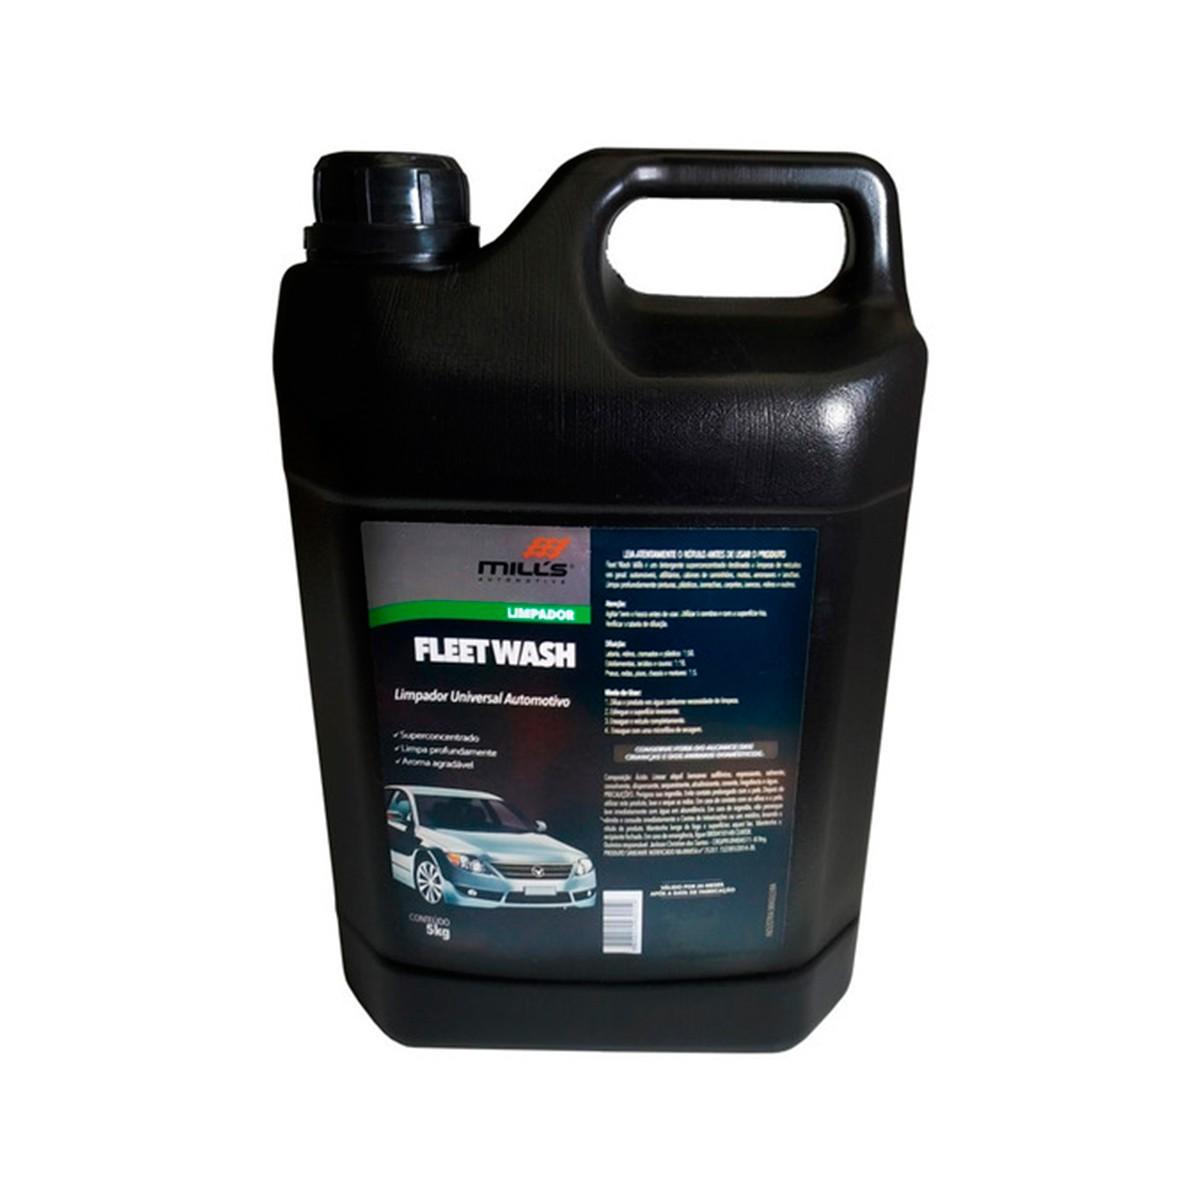 Fleet Wash ( Detergente Limpador Concentrado) 5kg - Mills